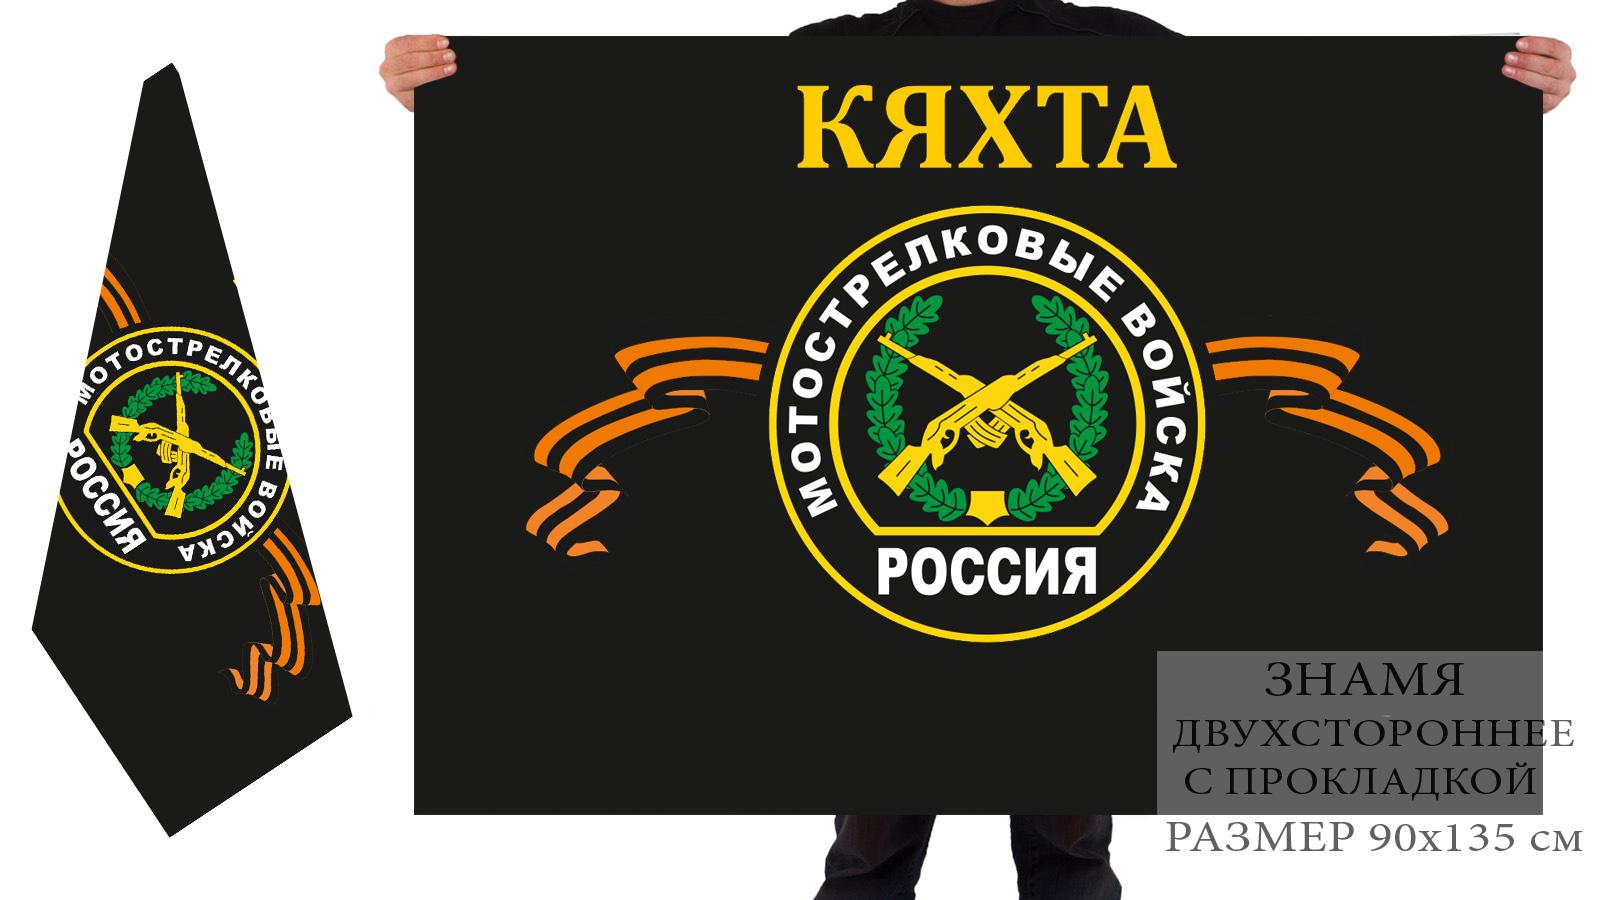 Двусторонний флаг мотострелков Кяхта